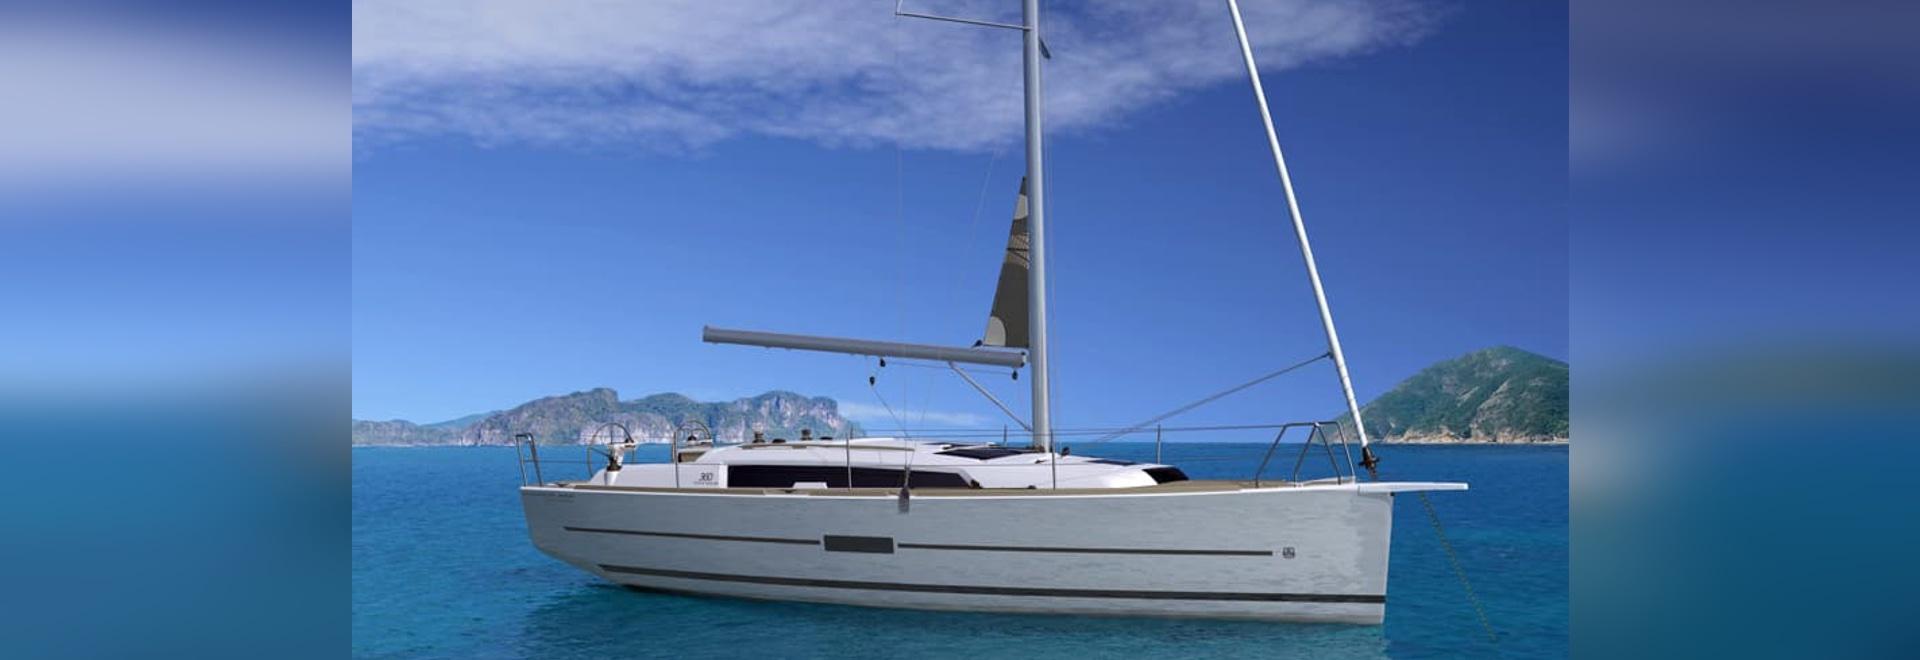 Dufour 360 Grand Large sera sur l'exposition au salon nautique de TheYachtMarket.com Southampton